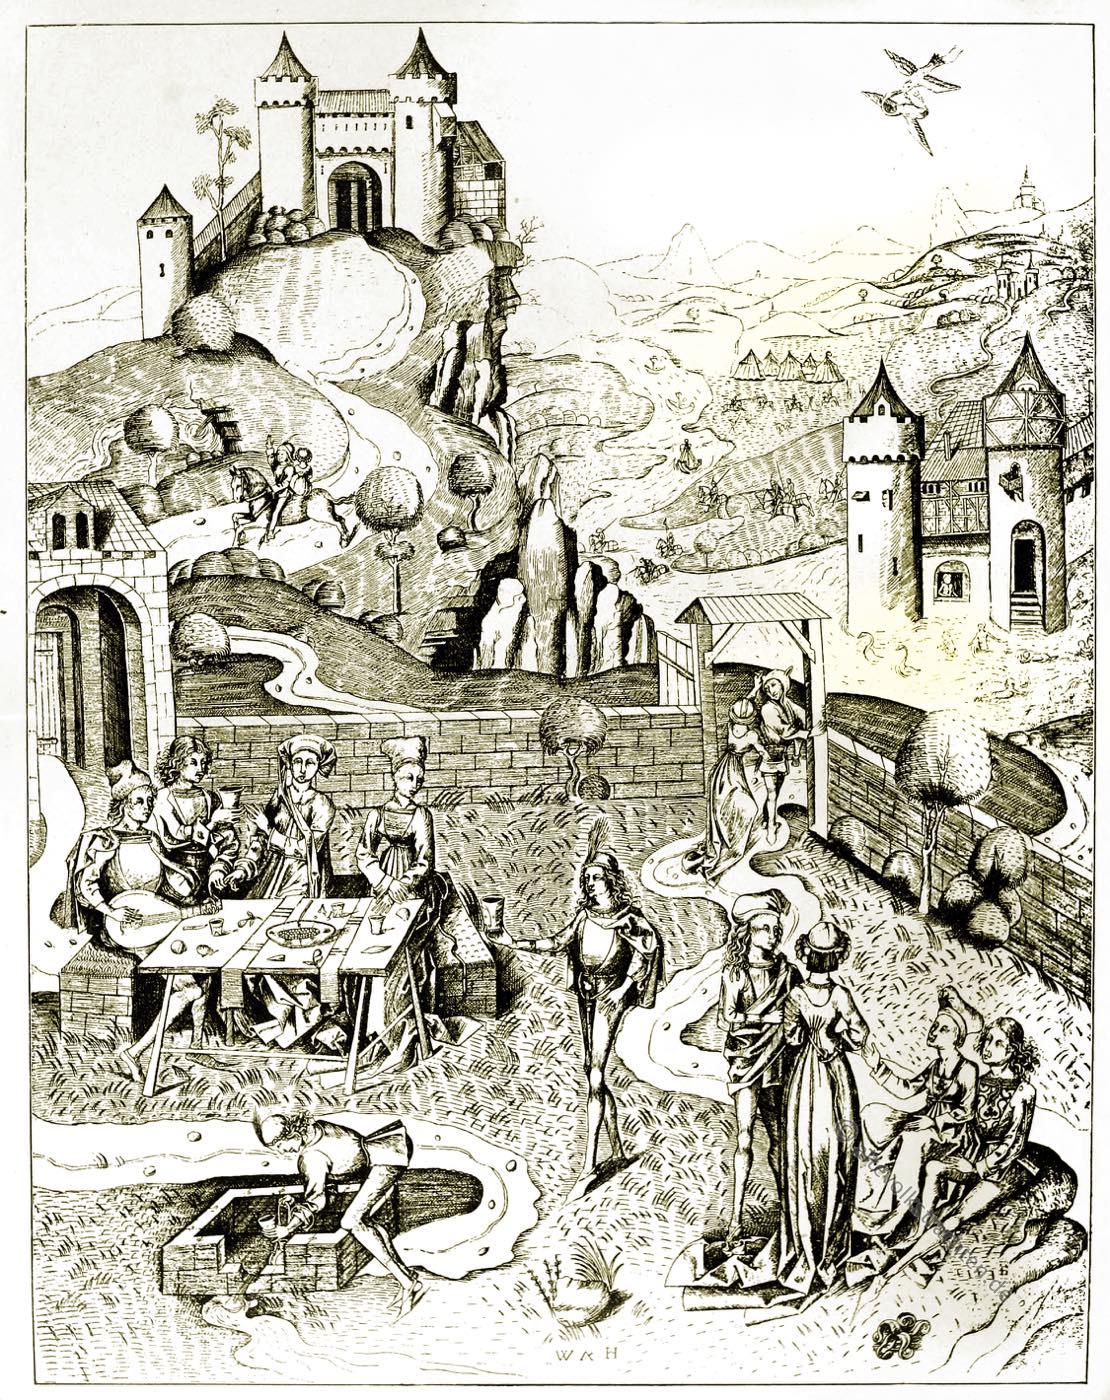 Liebesgarten, Wolf Hammer, Mittelalter, Gartenanlage, Kulturgeschichte